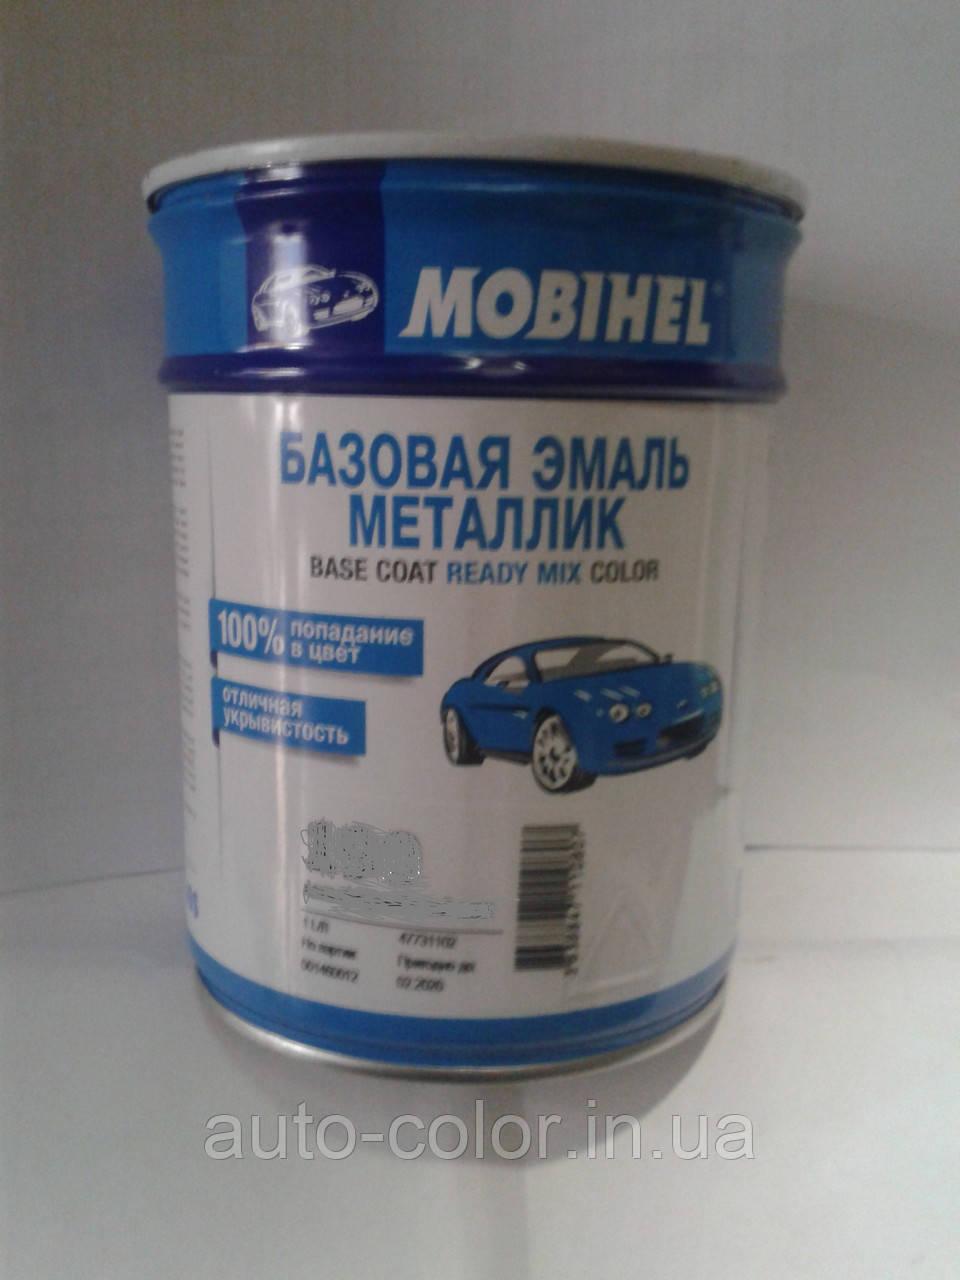 Автоэмаль базовая металлик Mobihel  B76 RENAULT  1л